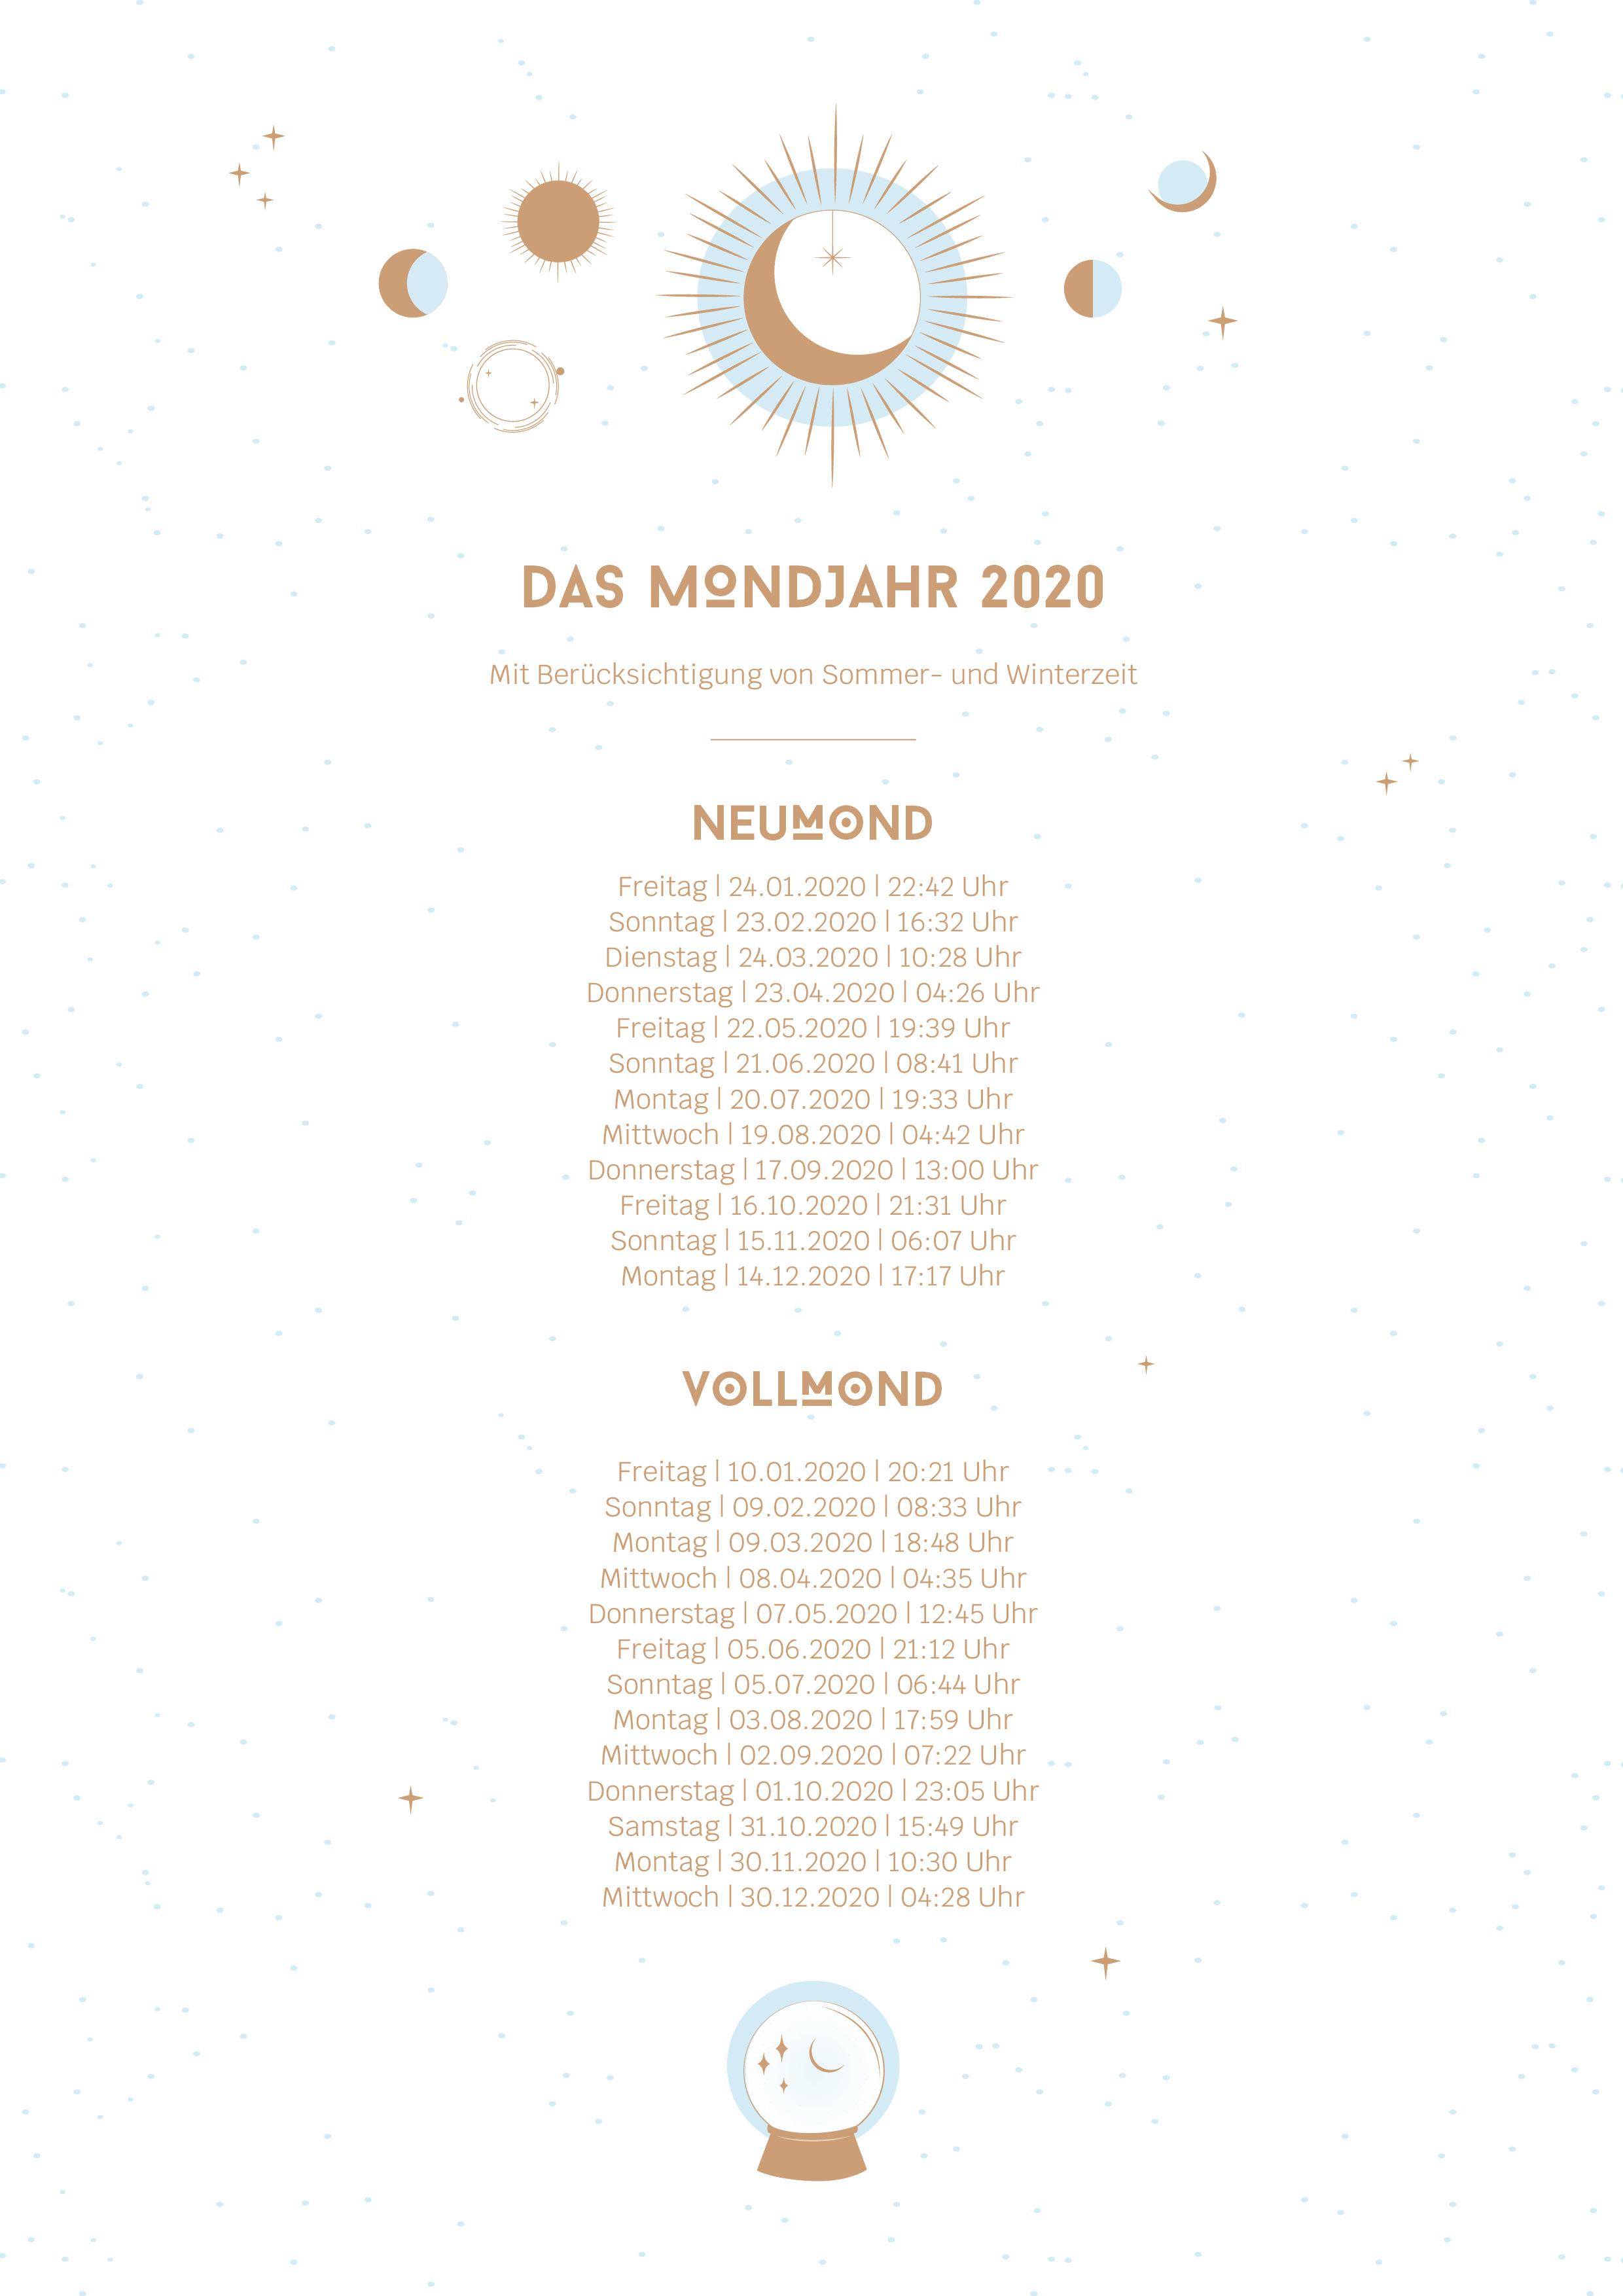 Mondkalender 2020 - alle Termine Neumond und Vollmond